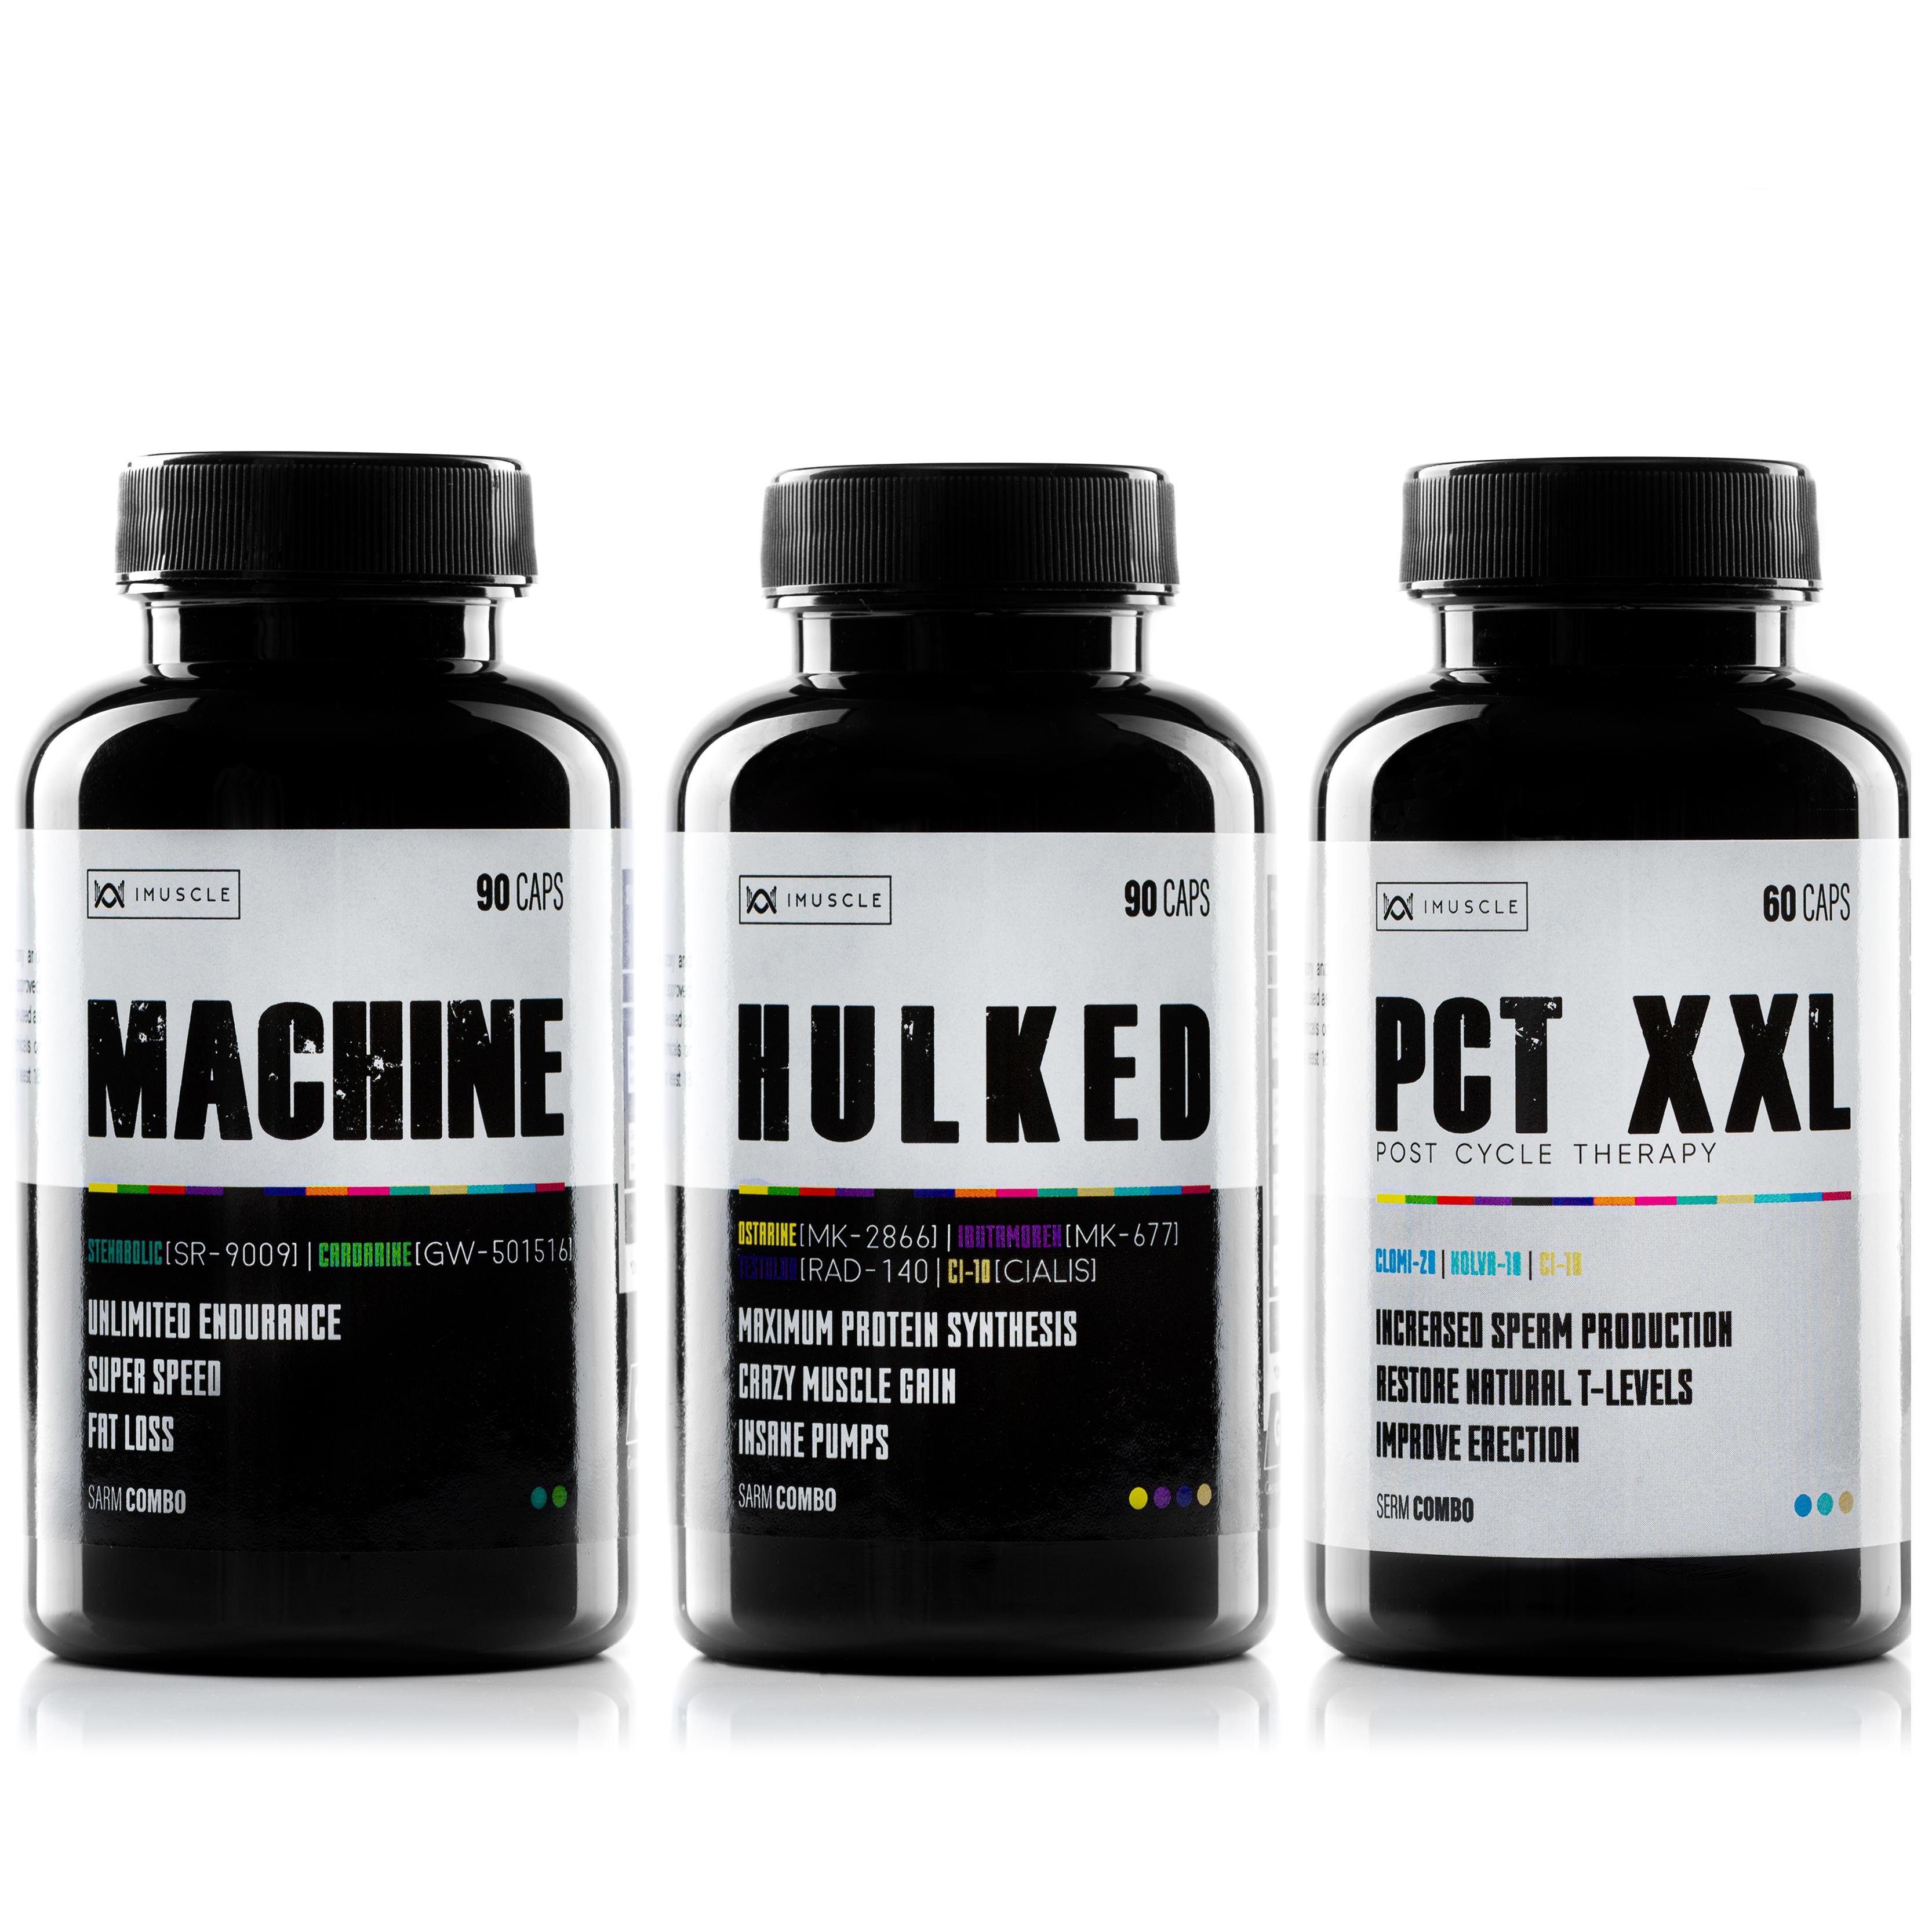 iMuscle STACK MACHINE, HULKED, PCT – XXL